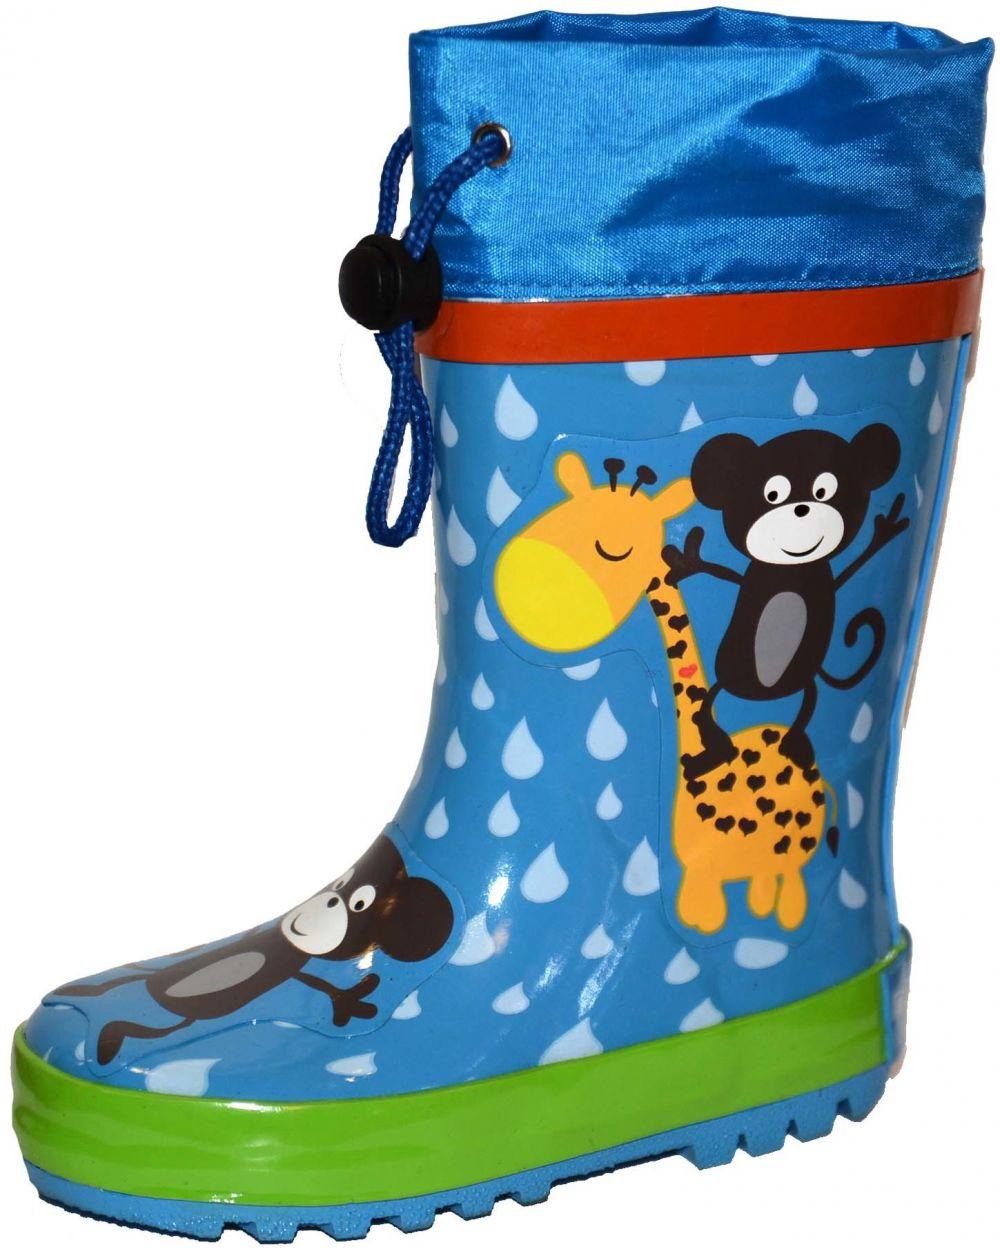 6bc7199b72a80 PIDILIDI Detské čižmy s opičkami - modré značky PIDILIDI - Lovely.sk